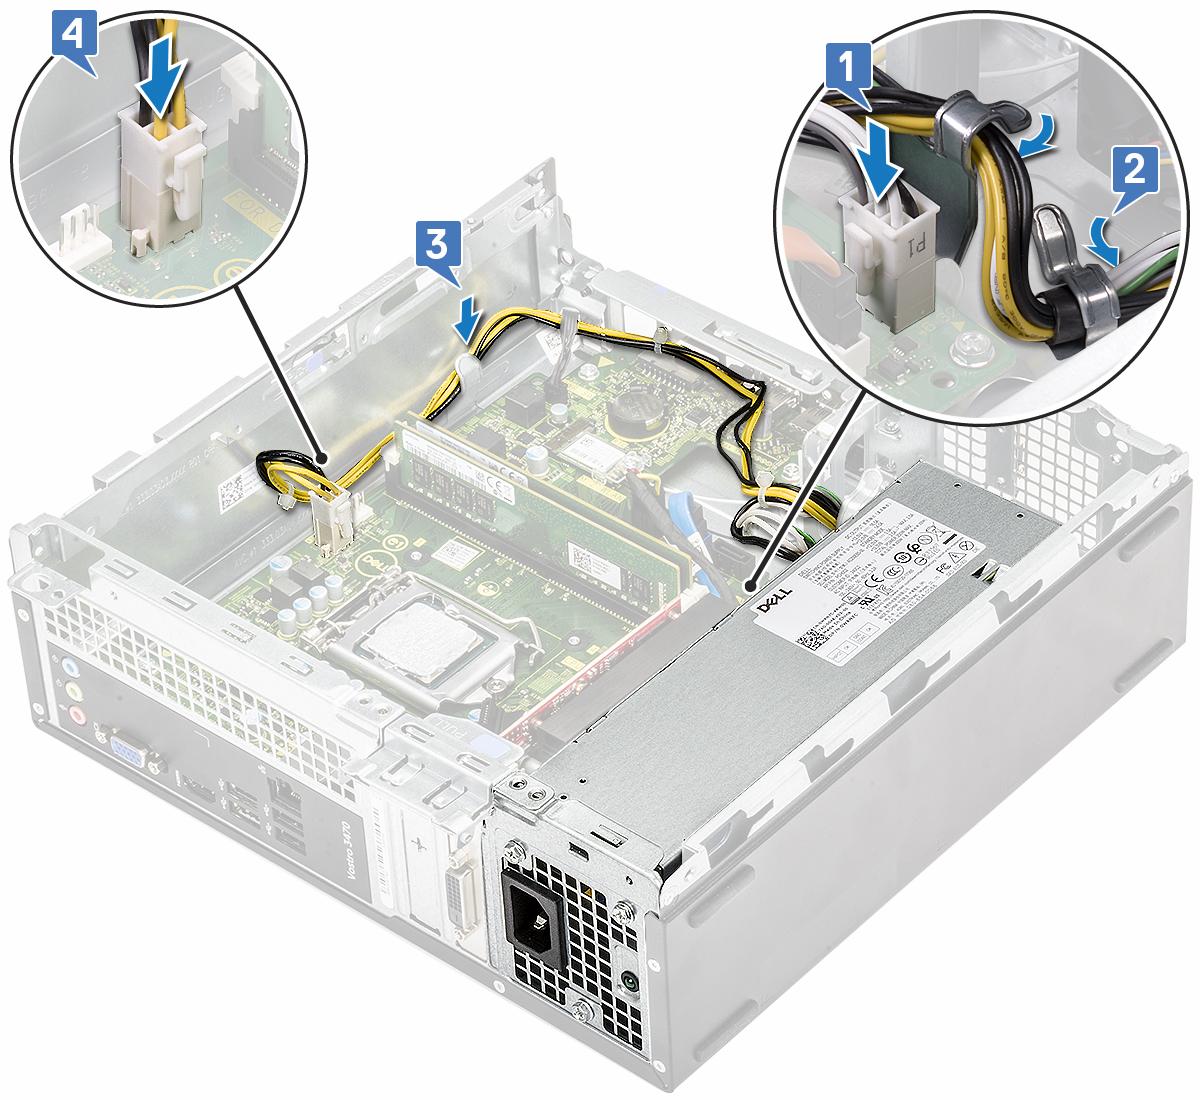 Slika prikazuje povezivanje PSU kabela na matičnu ploču